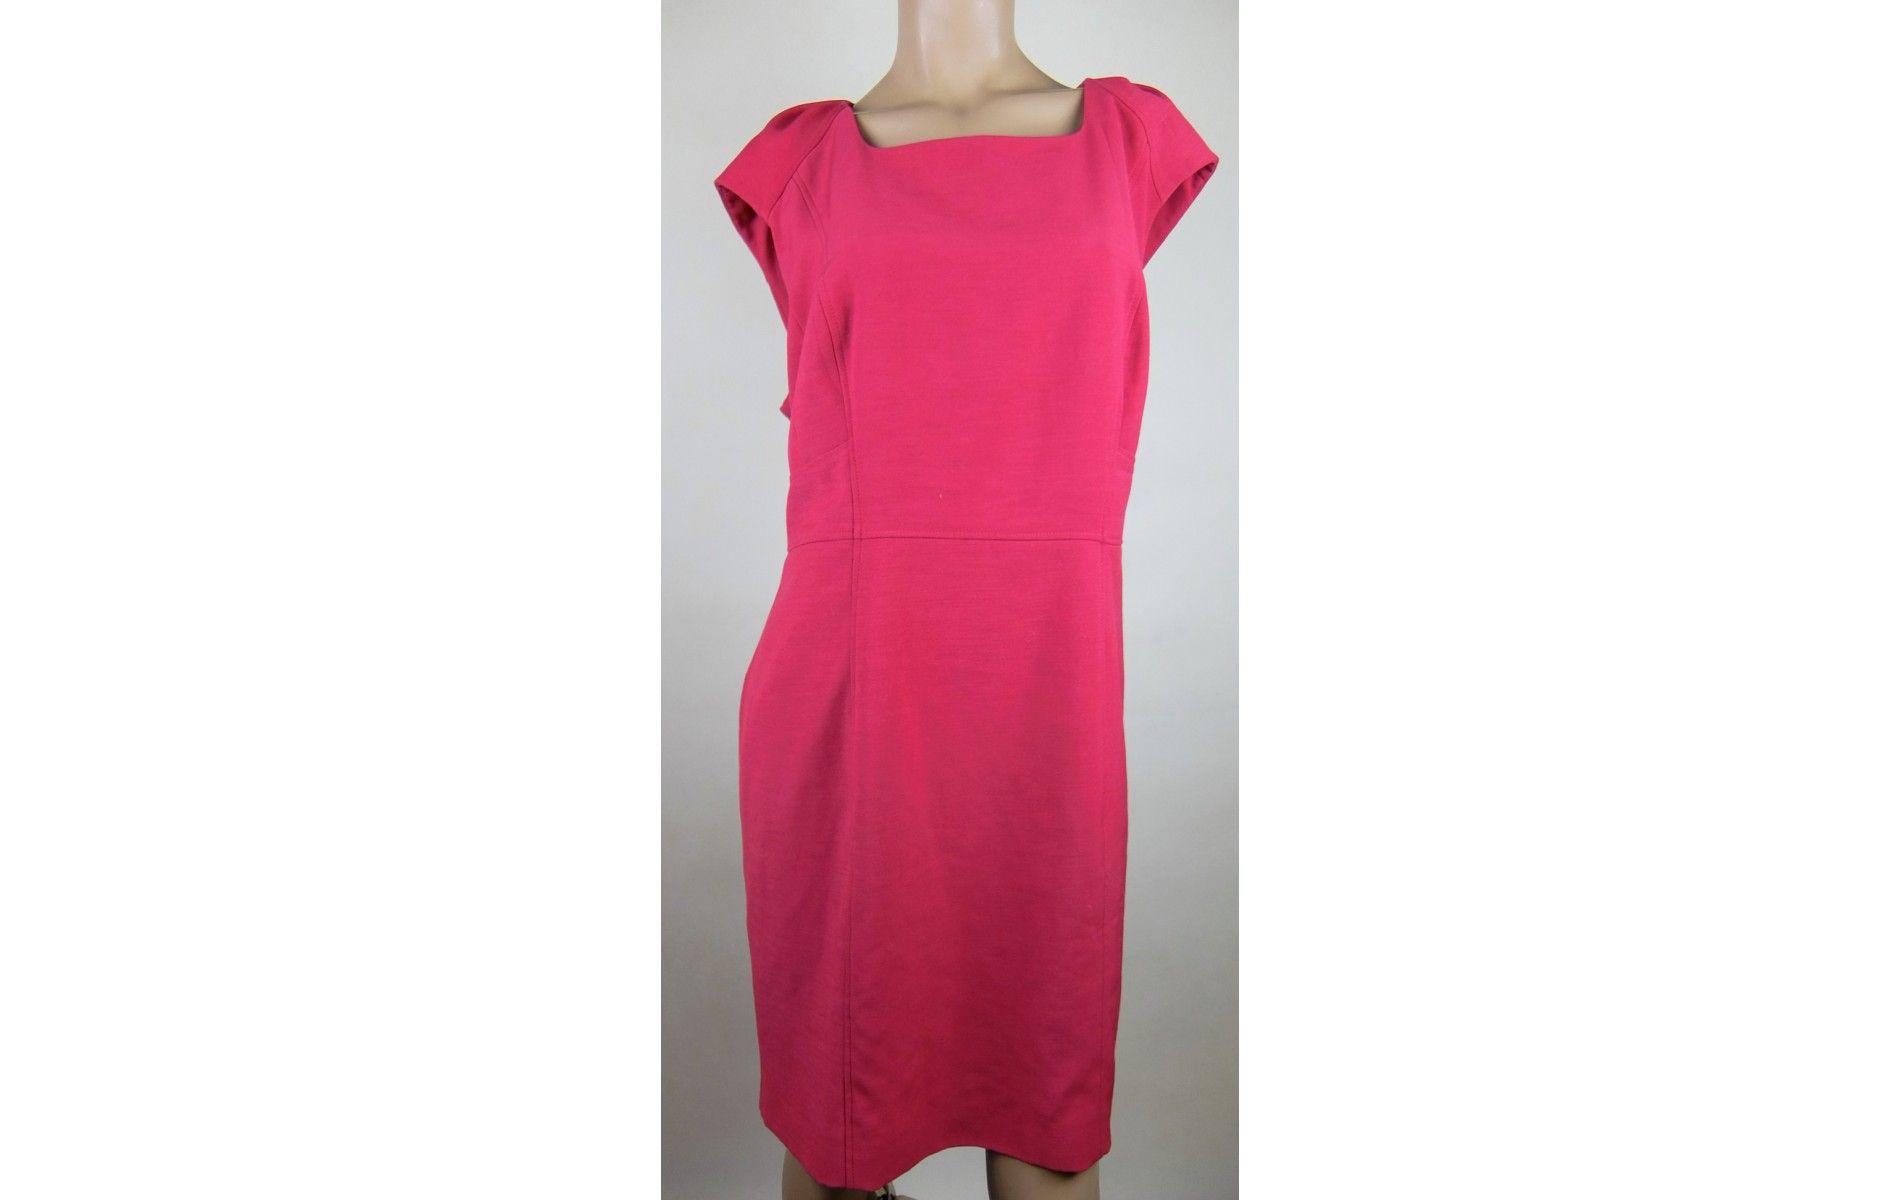 F&F szuper nőies pink ruha 48-as - 46-48 - Molett használt ruha ...